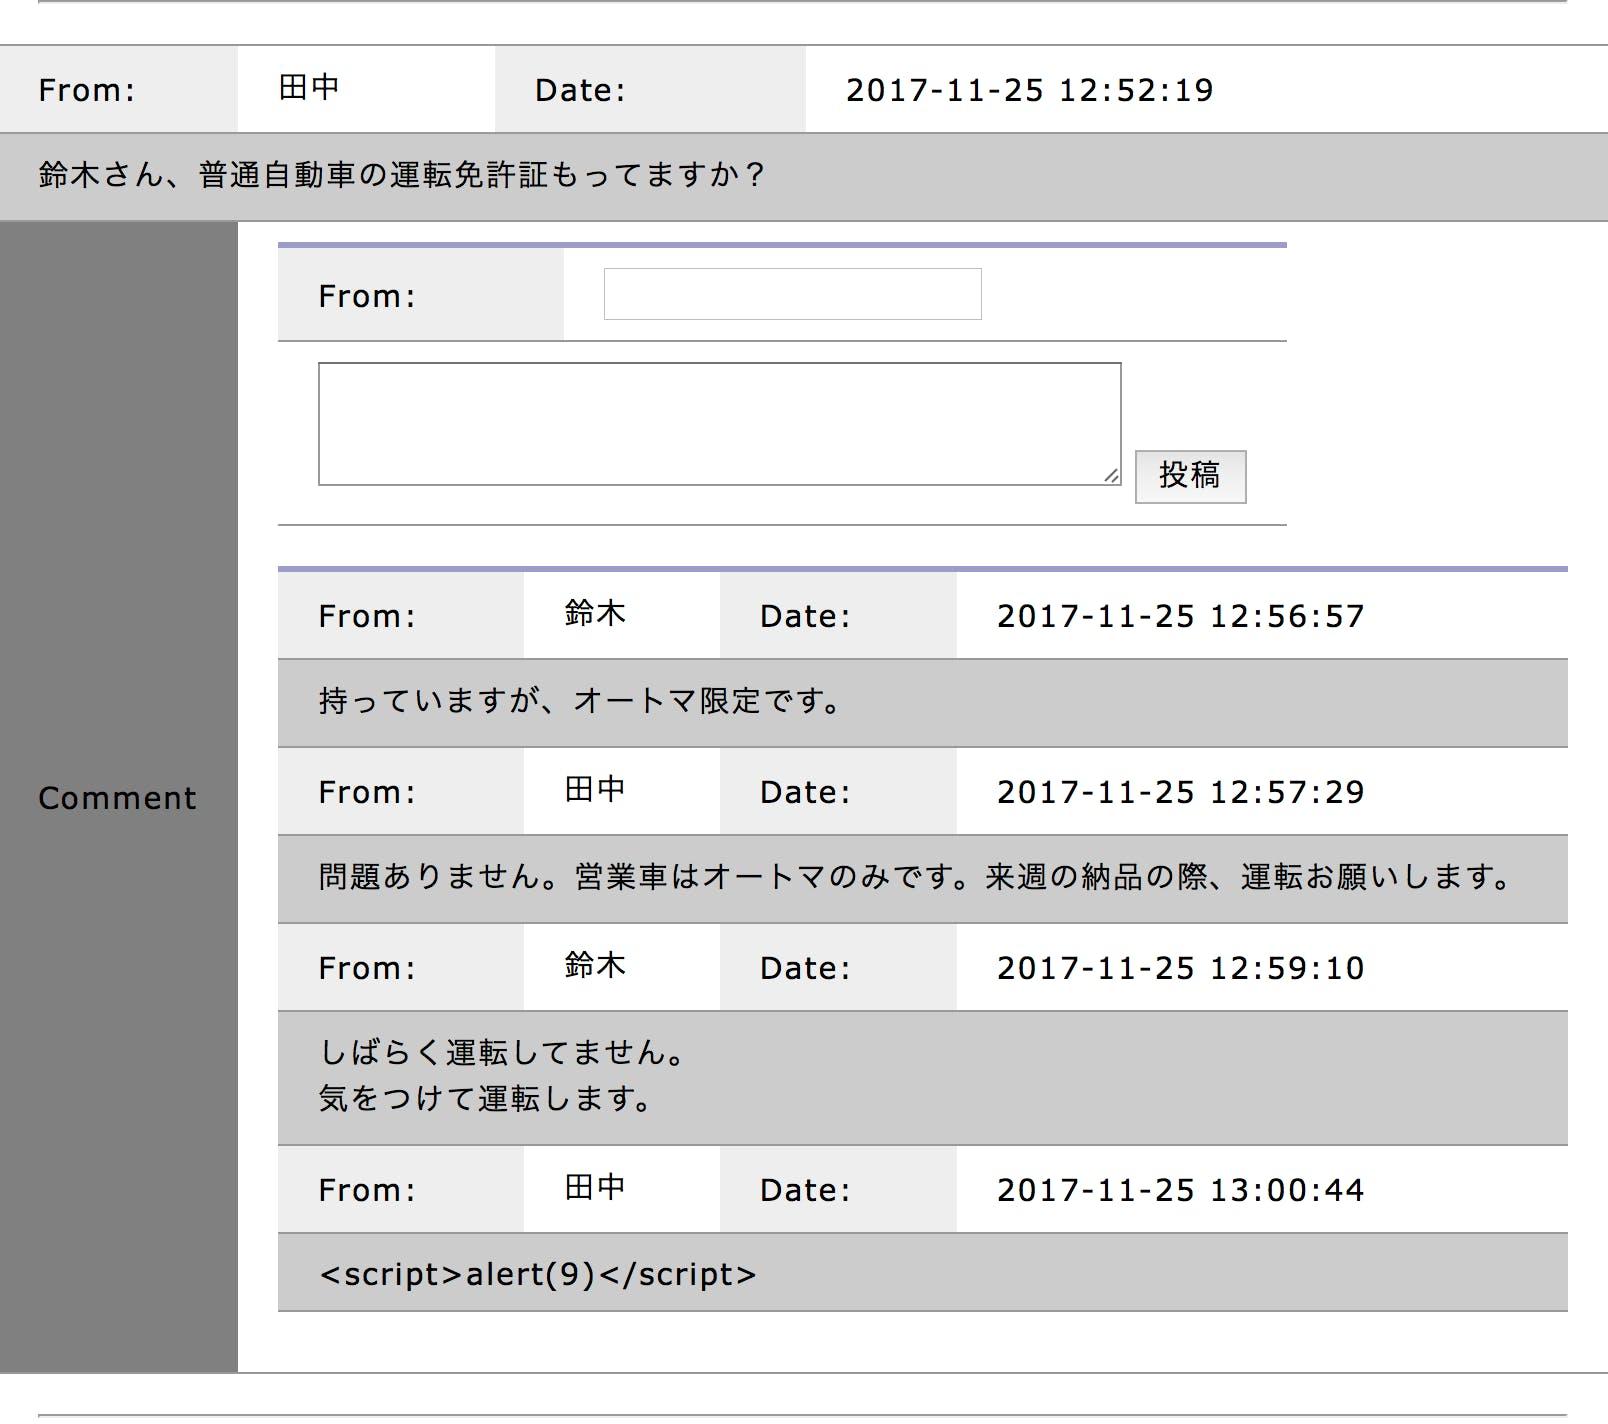 スクリーンショット 2017-11-25 13.12.19.png